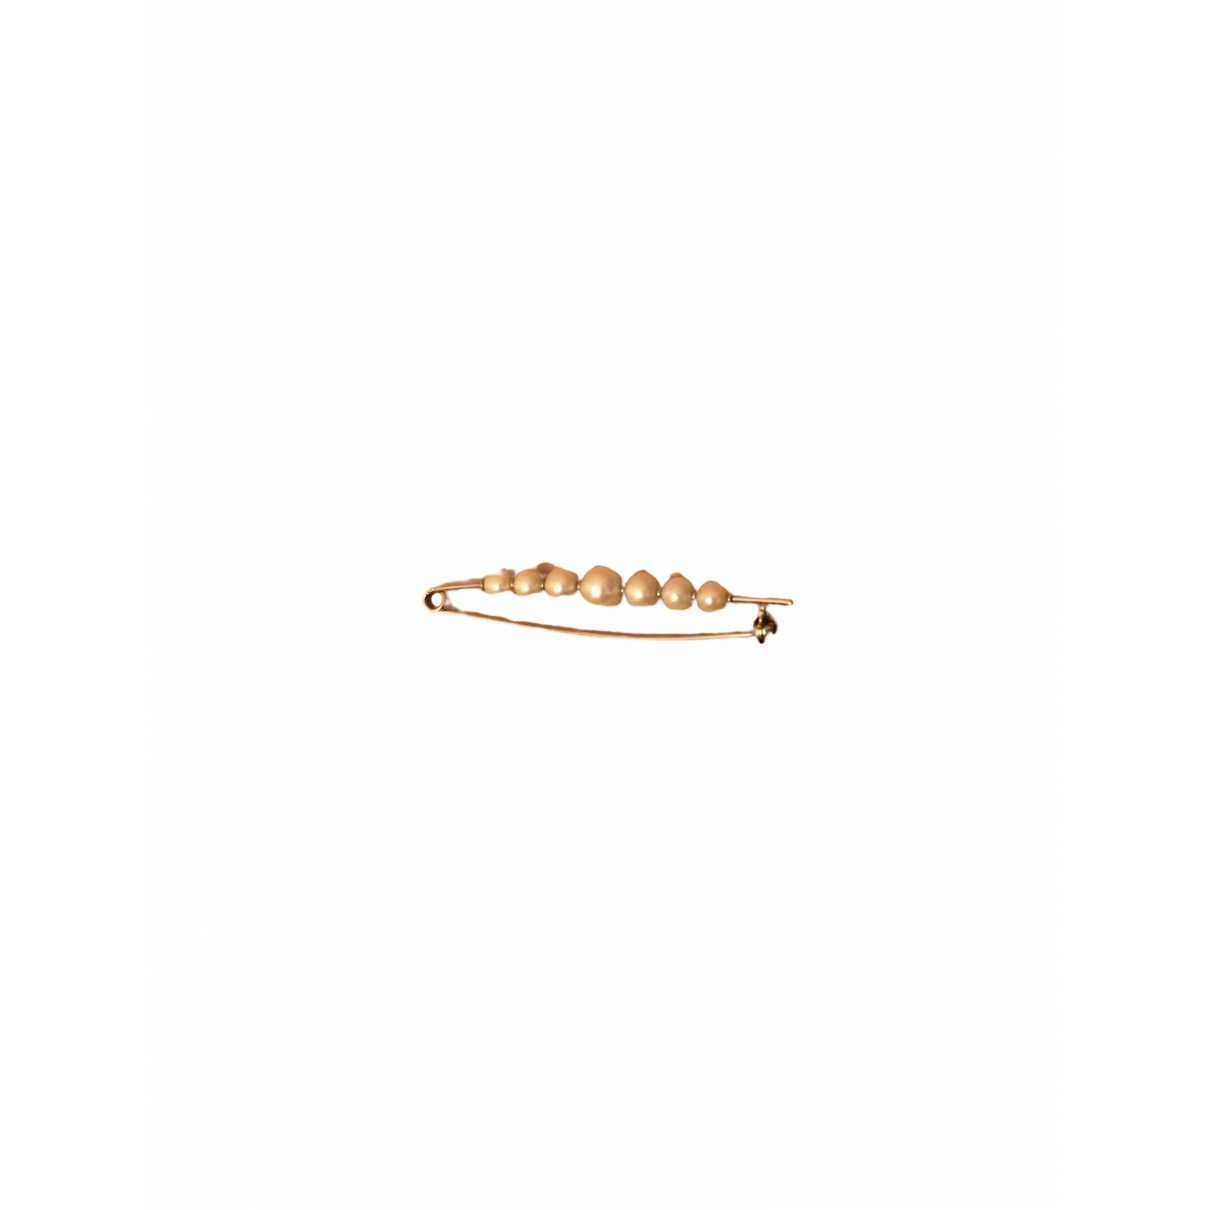 Broche Nacre de Oro blanco Non Signe / Unsigned